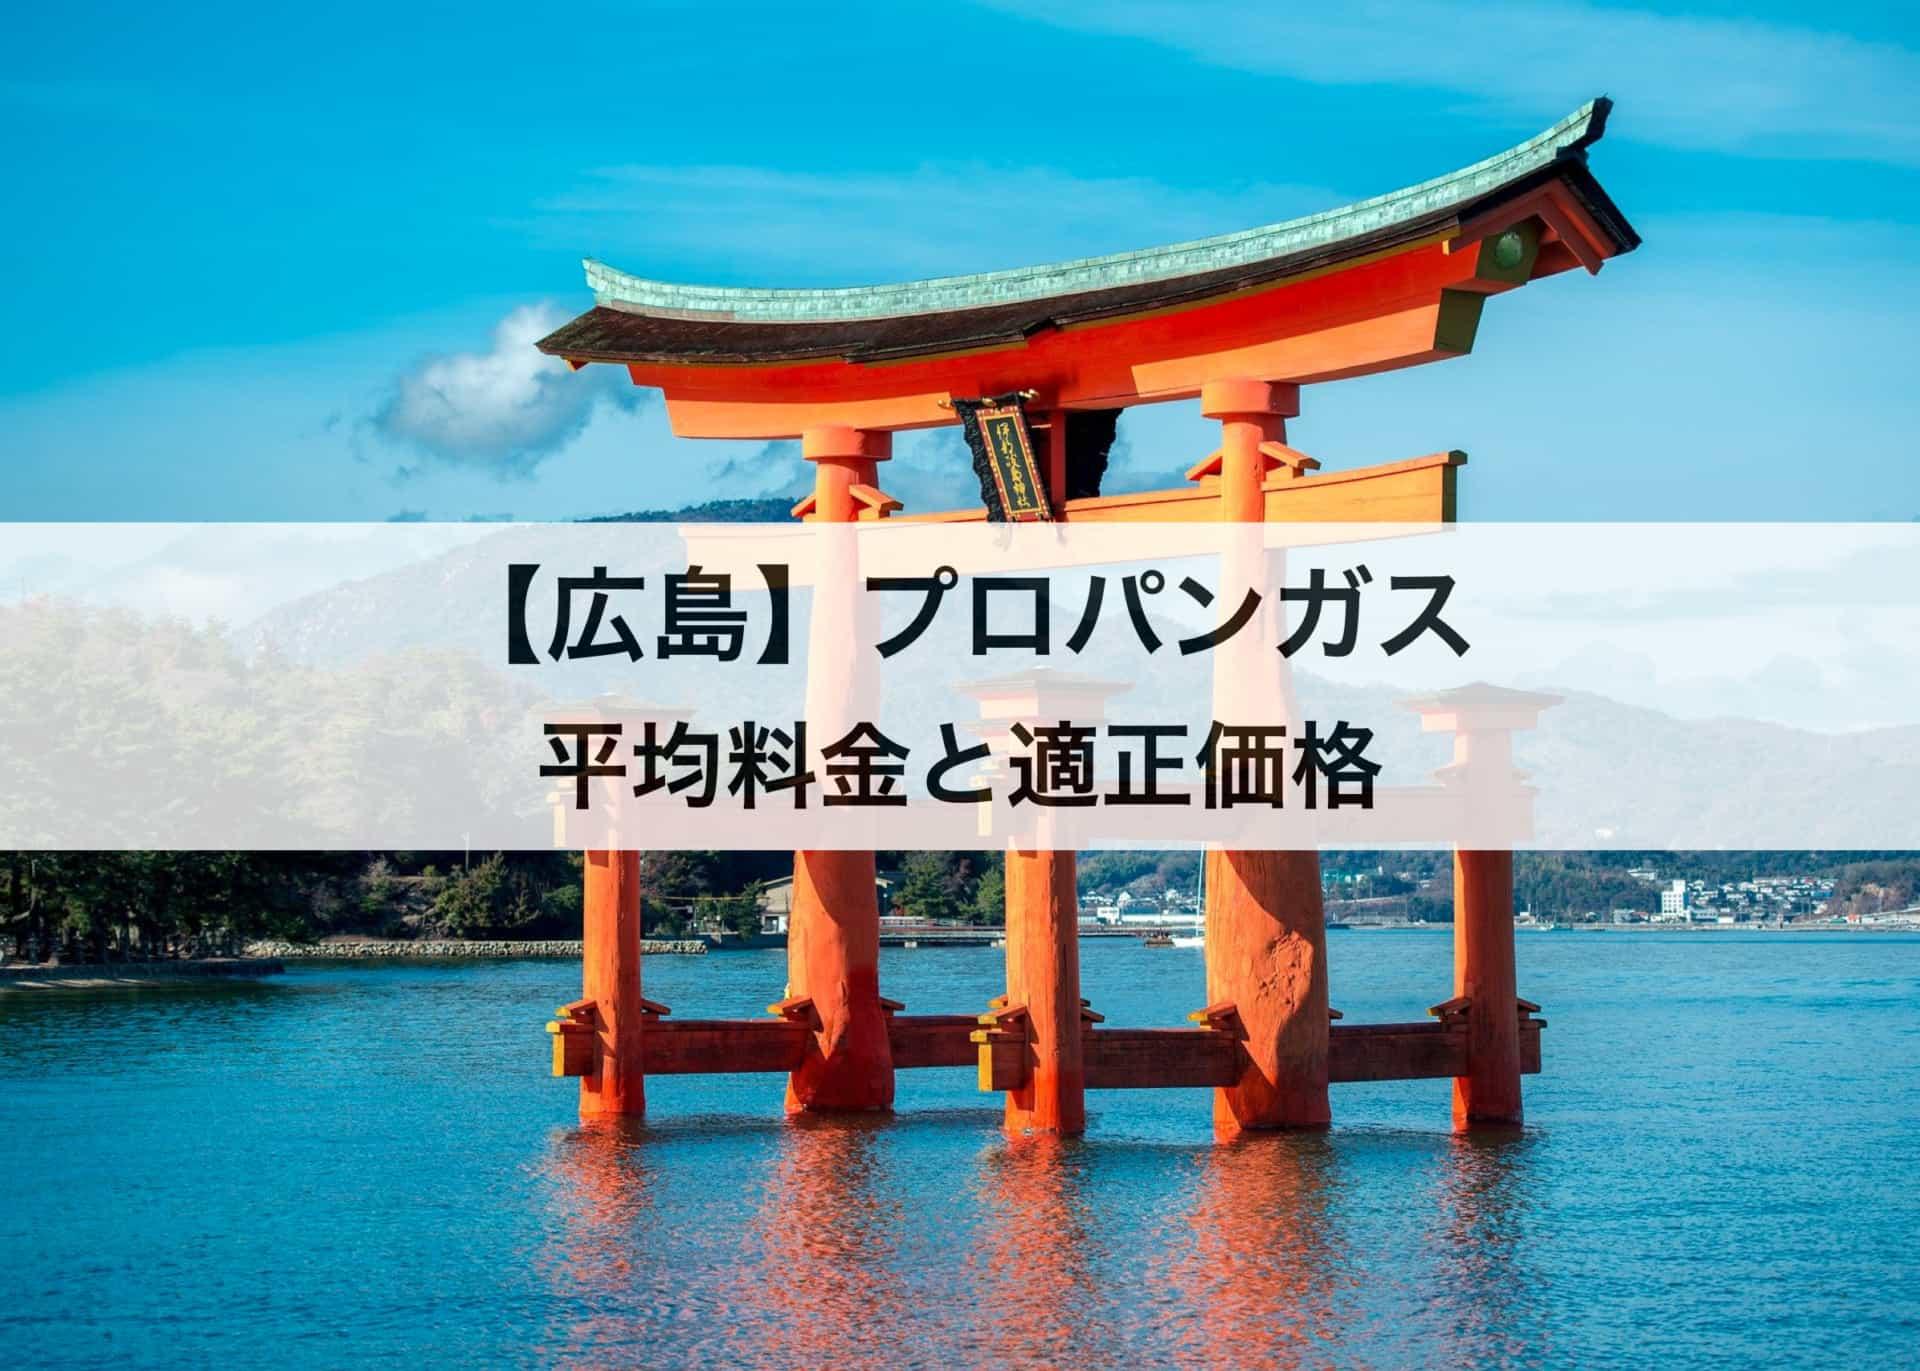 【広島】プロパンガス(LPガス)の平均料金と適正価格|安く利用できるガス会社は?